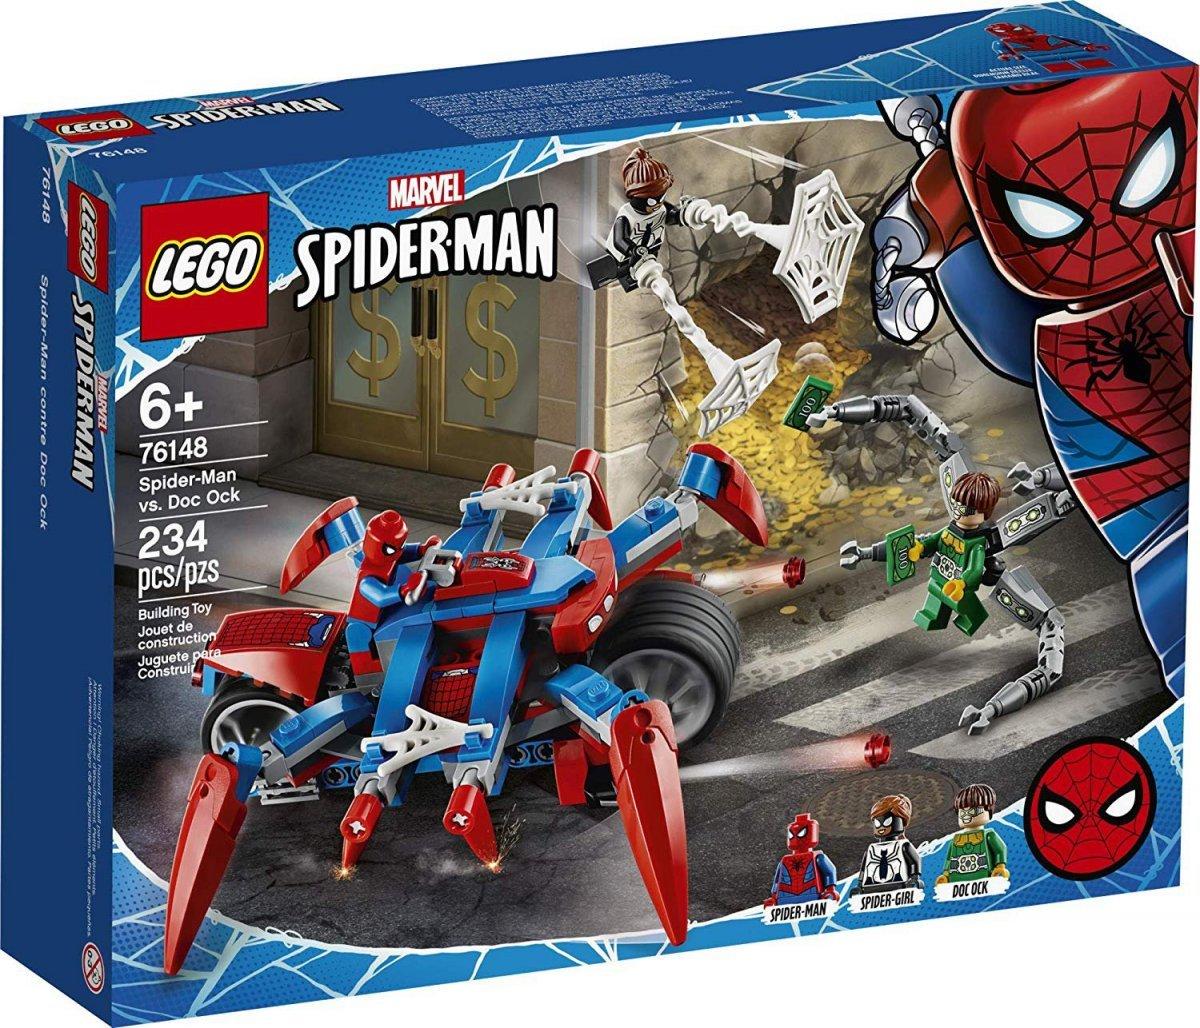 Lego Super Heroes - Homem Aranha Vs Doc Ock - Lego 76148